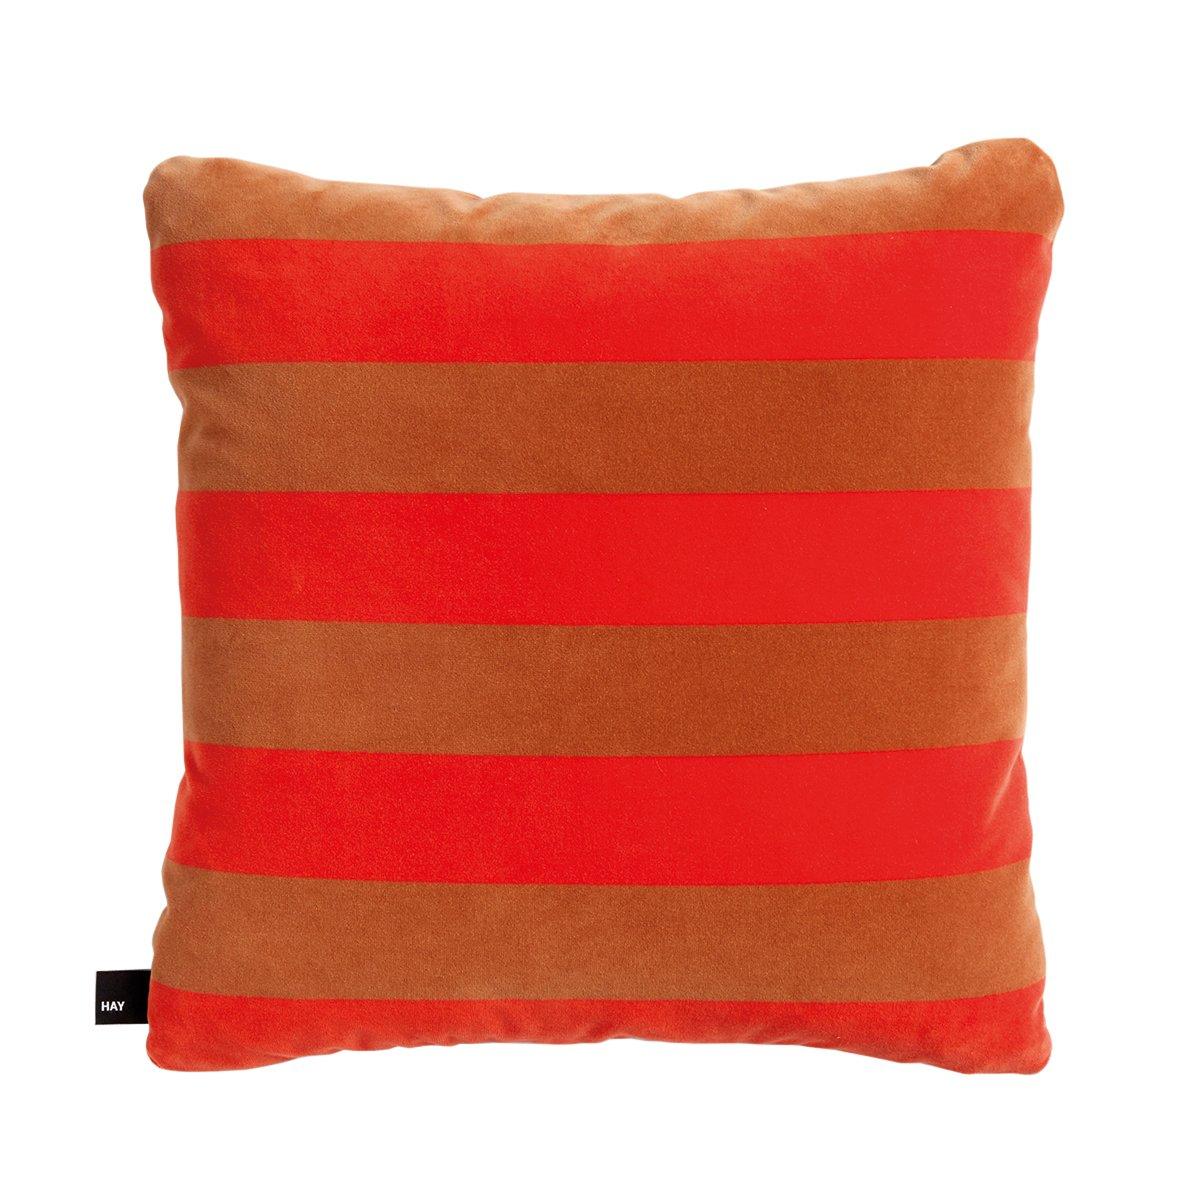 HAY Soft Stripe Kussen Red